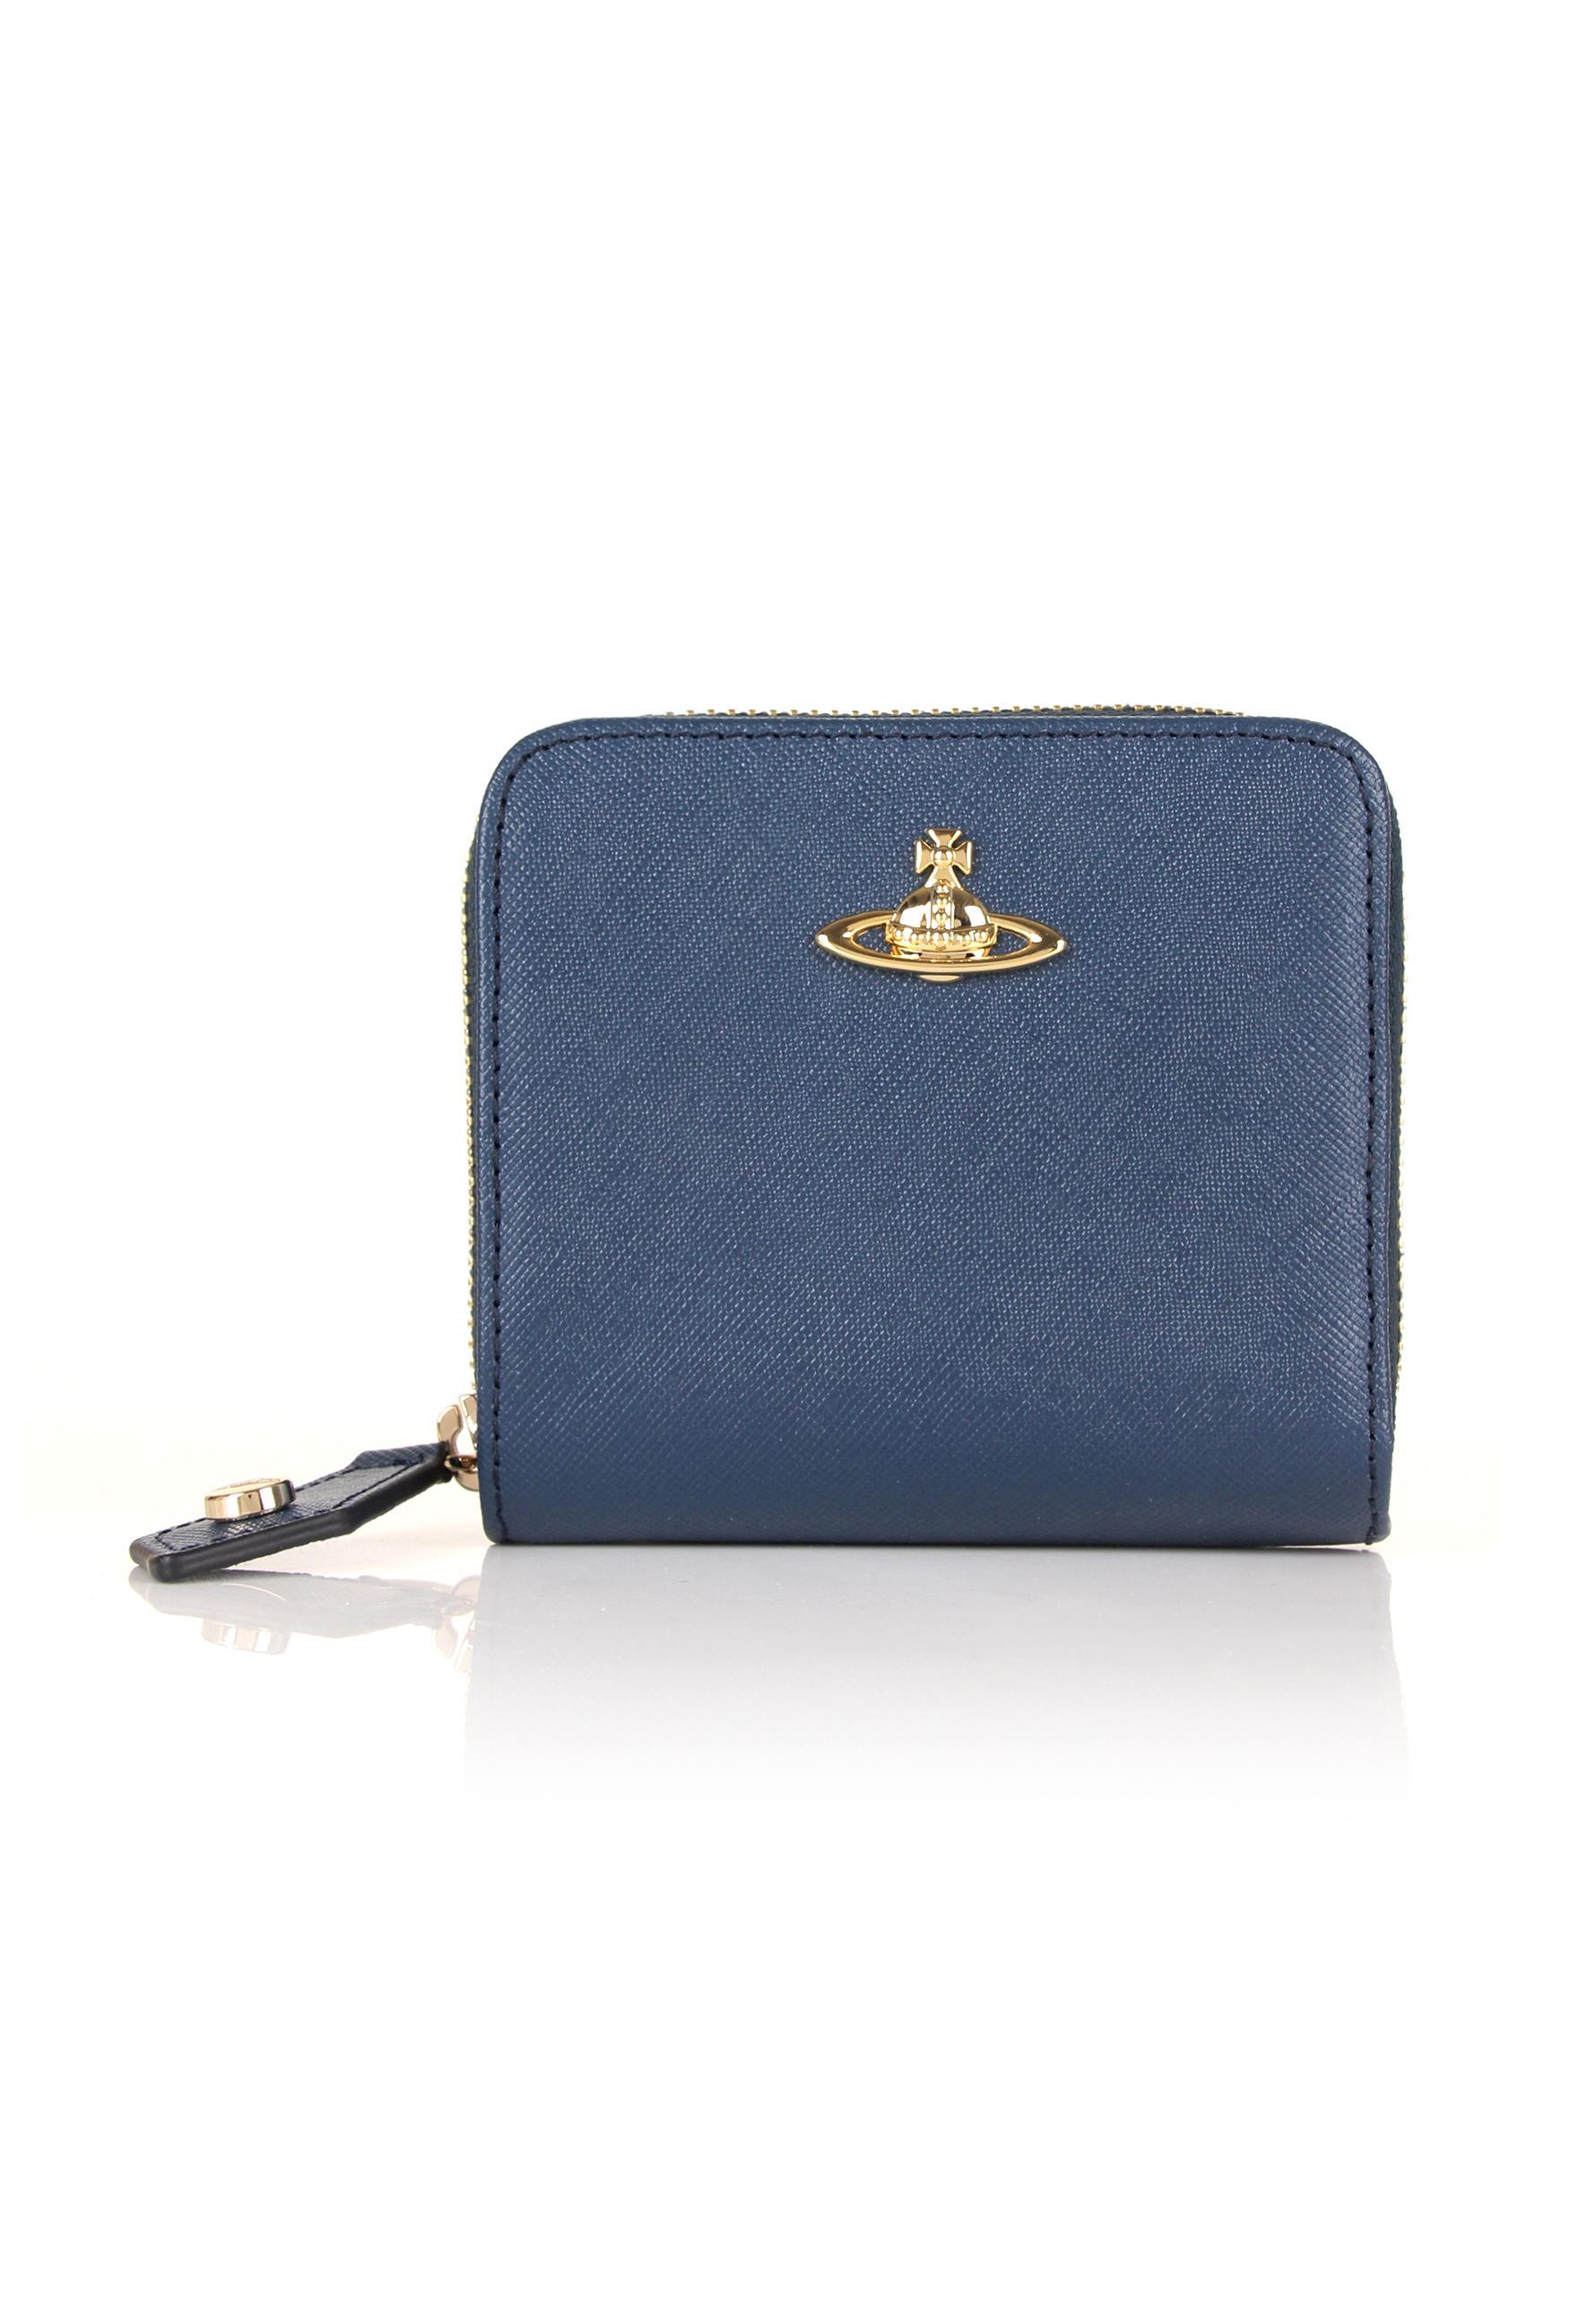 b74472f5e1f Vivienne Westwood Opio Saffiano 321408 Medium Zip Around Wallet Blue ...